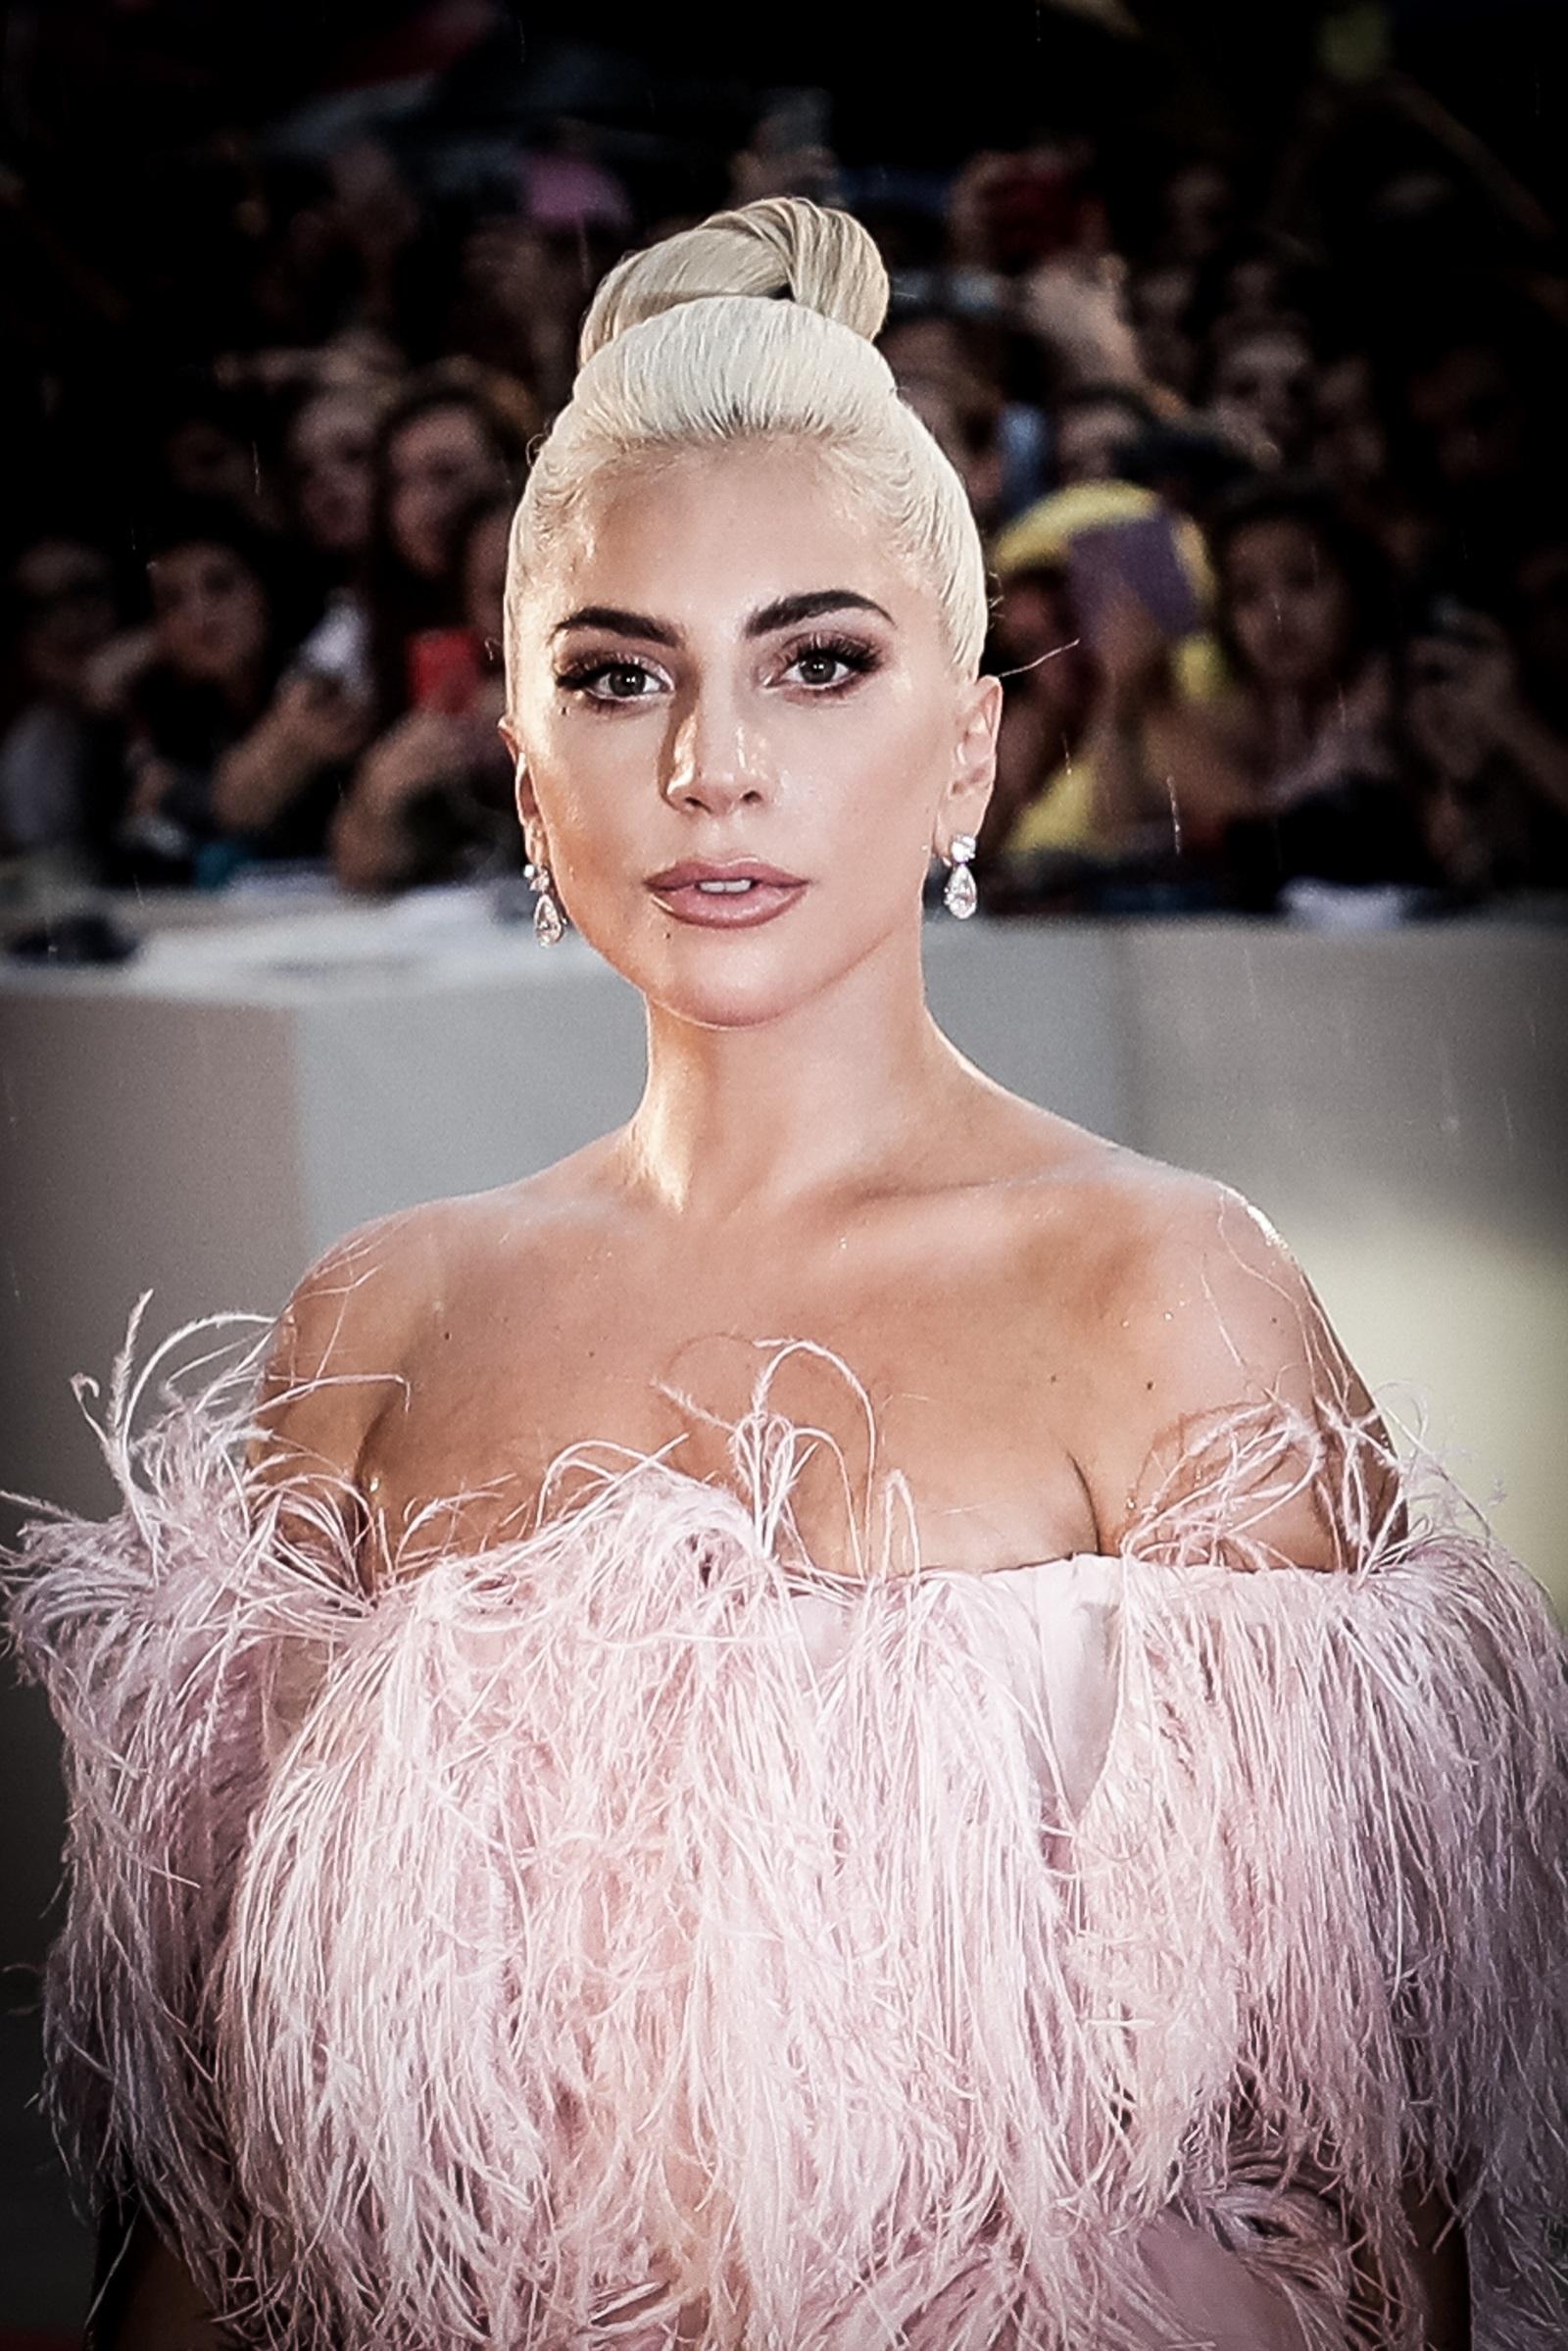 Първият си сценичен костюм Лейди Гага изработила сама от фолио и счупени закачалки.